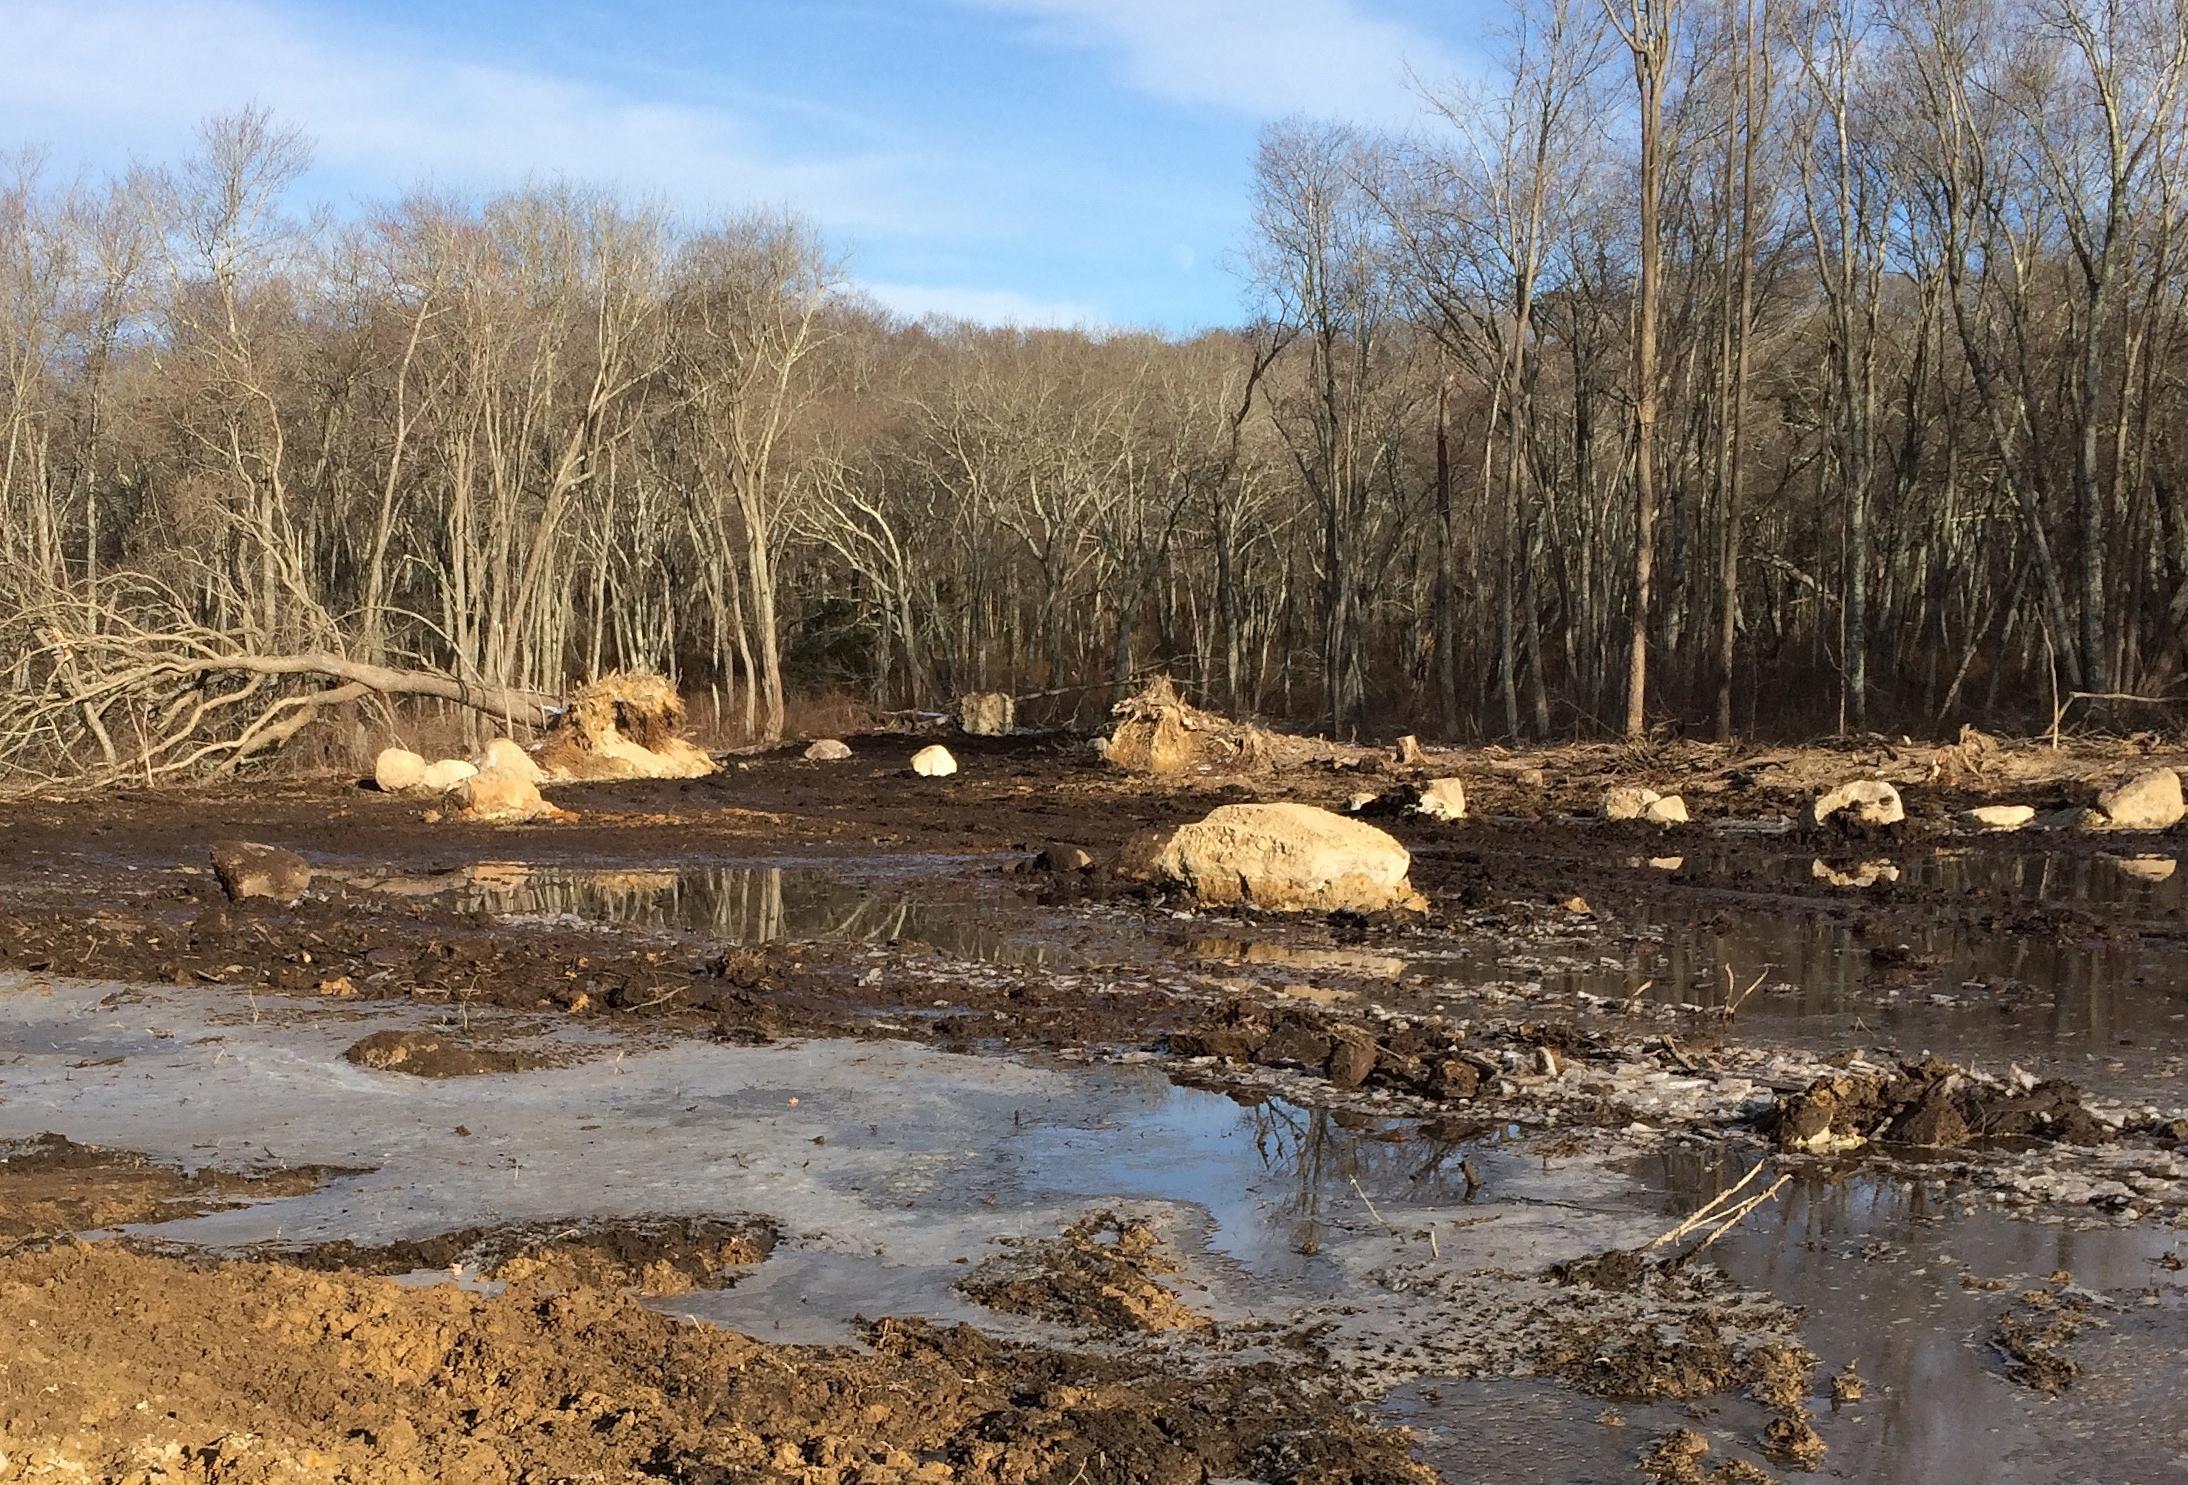 January 20, 2016 | Constructed flood plain